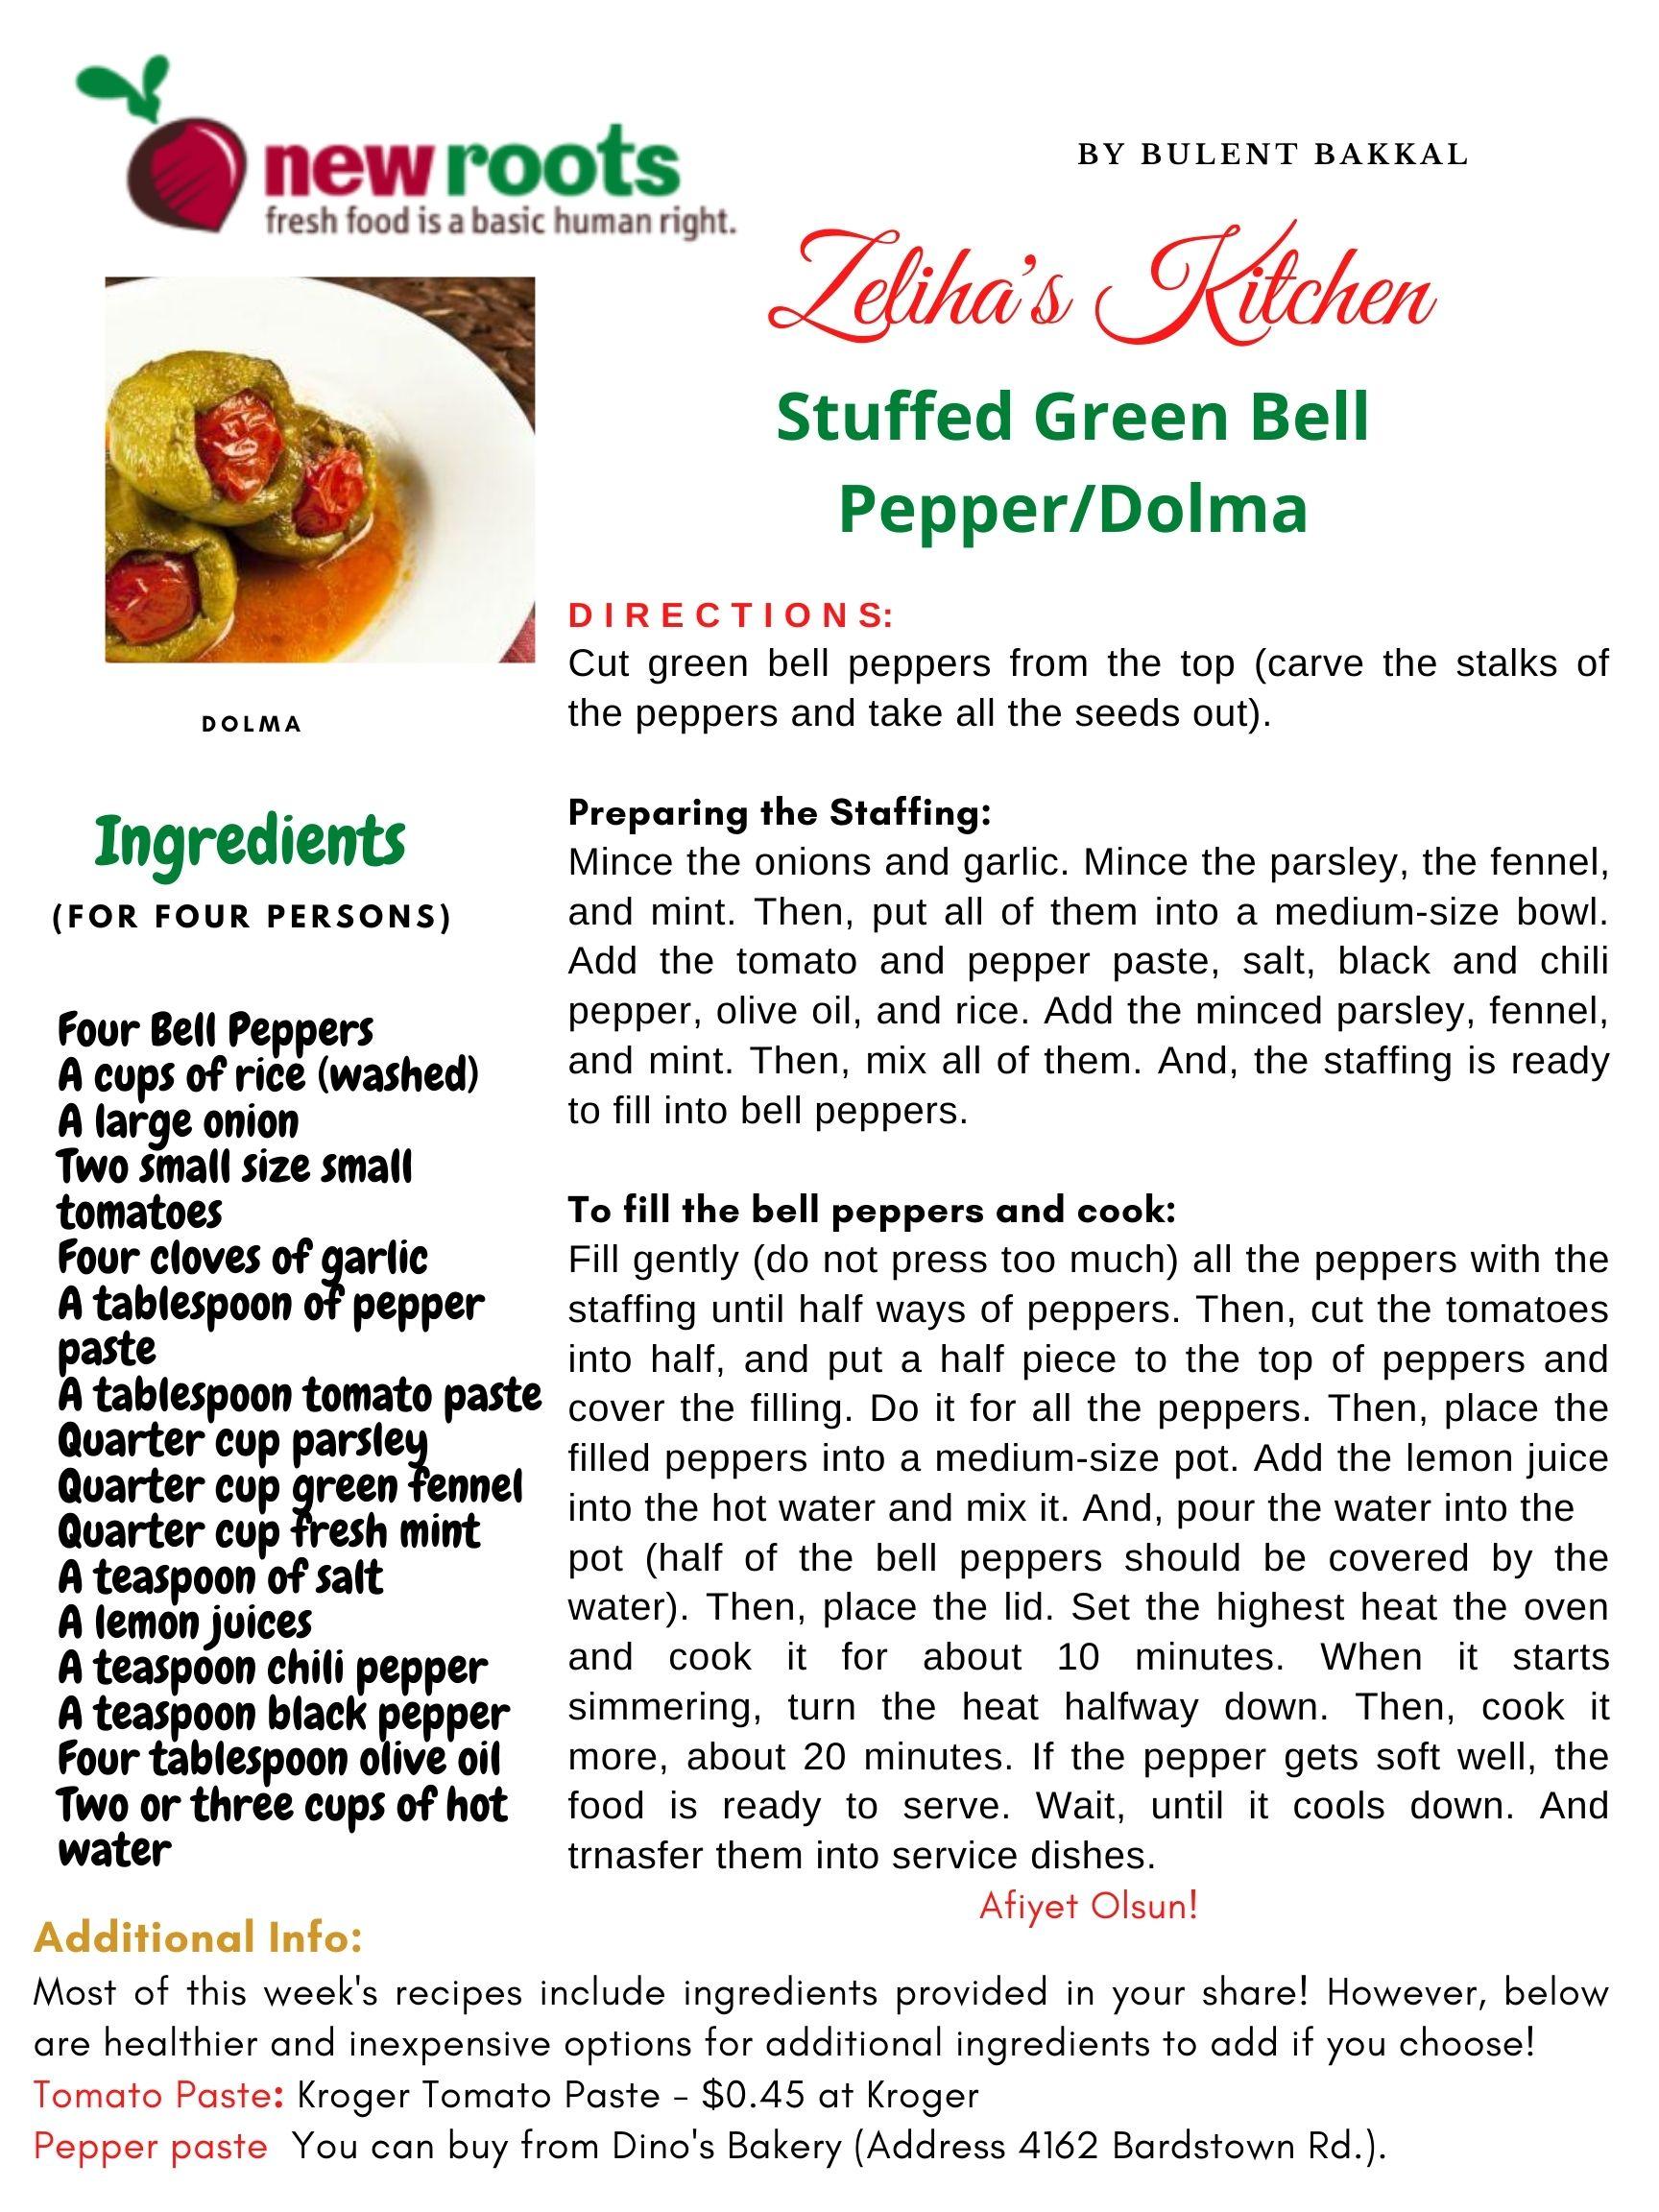 Zeliha's Kitchen-Stuffed Green Bell Pepper/Dolma Recipe